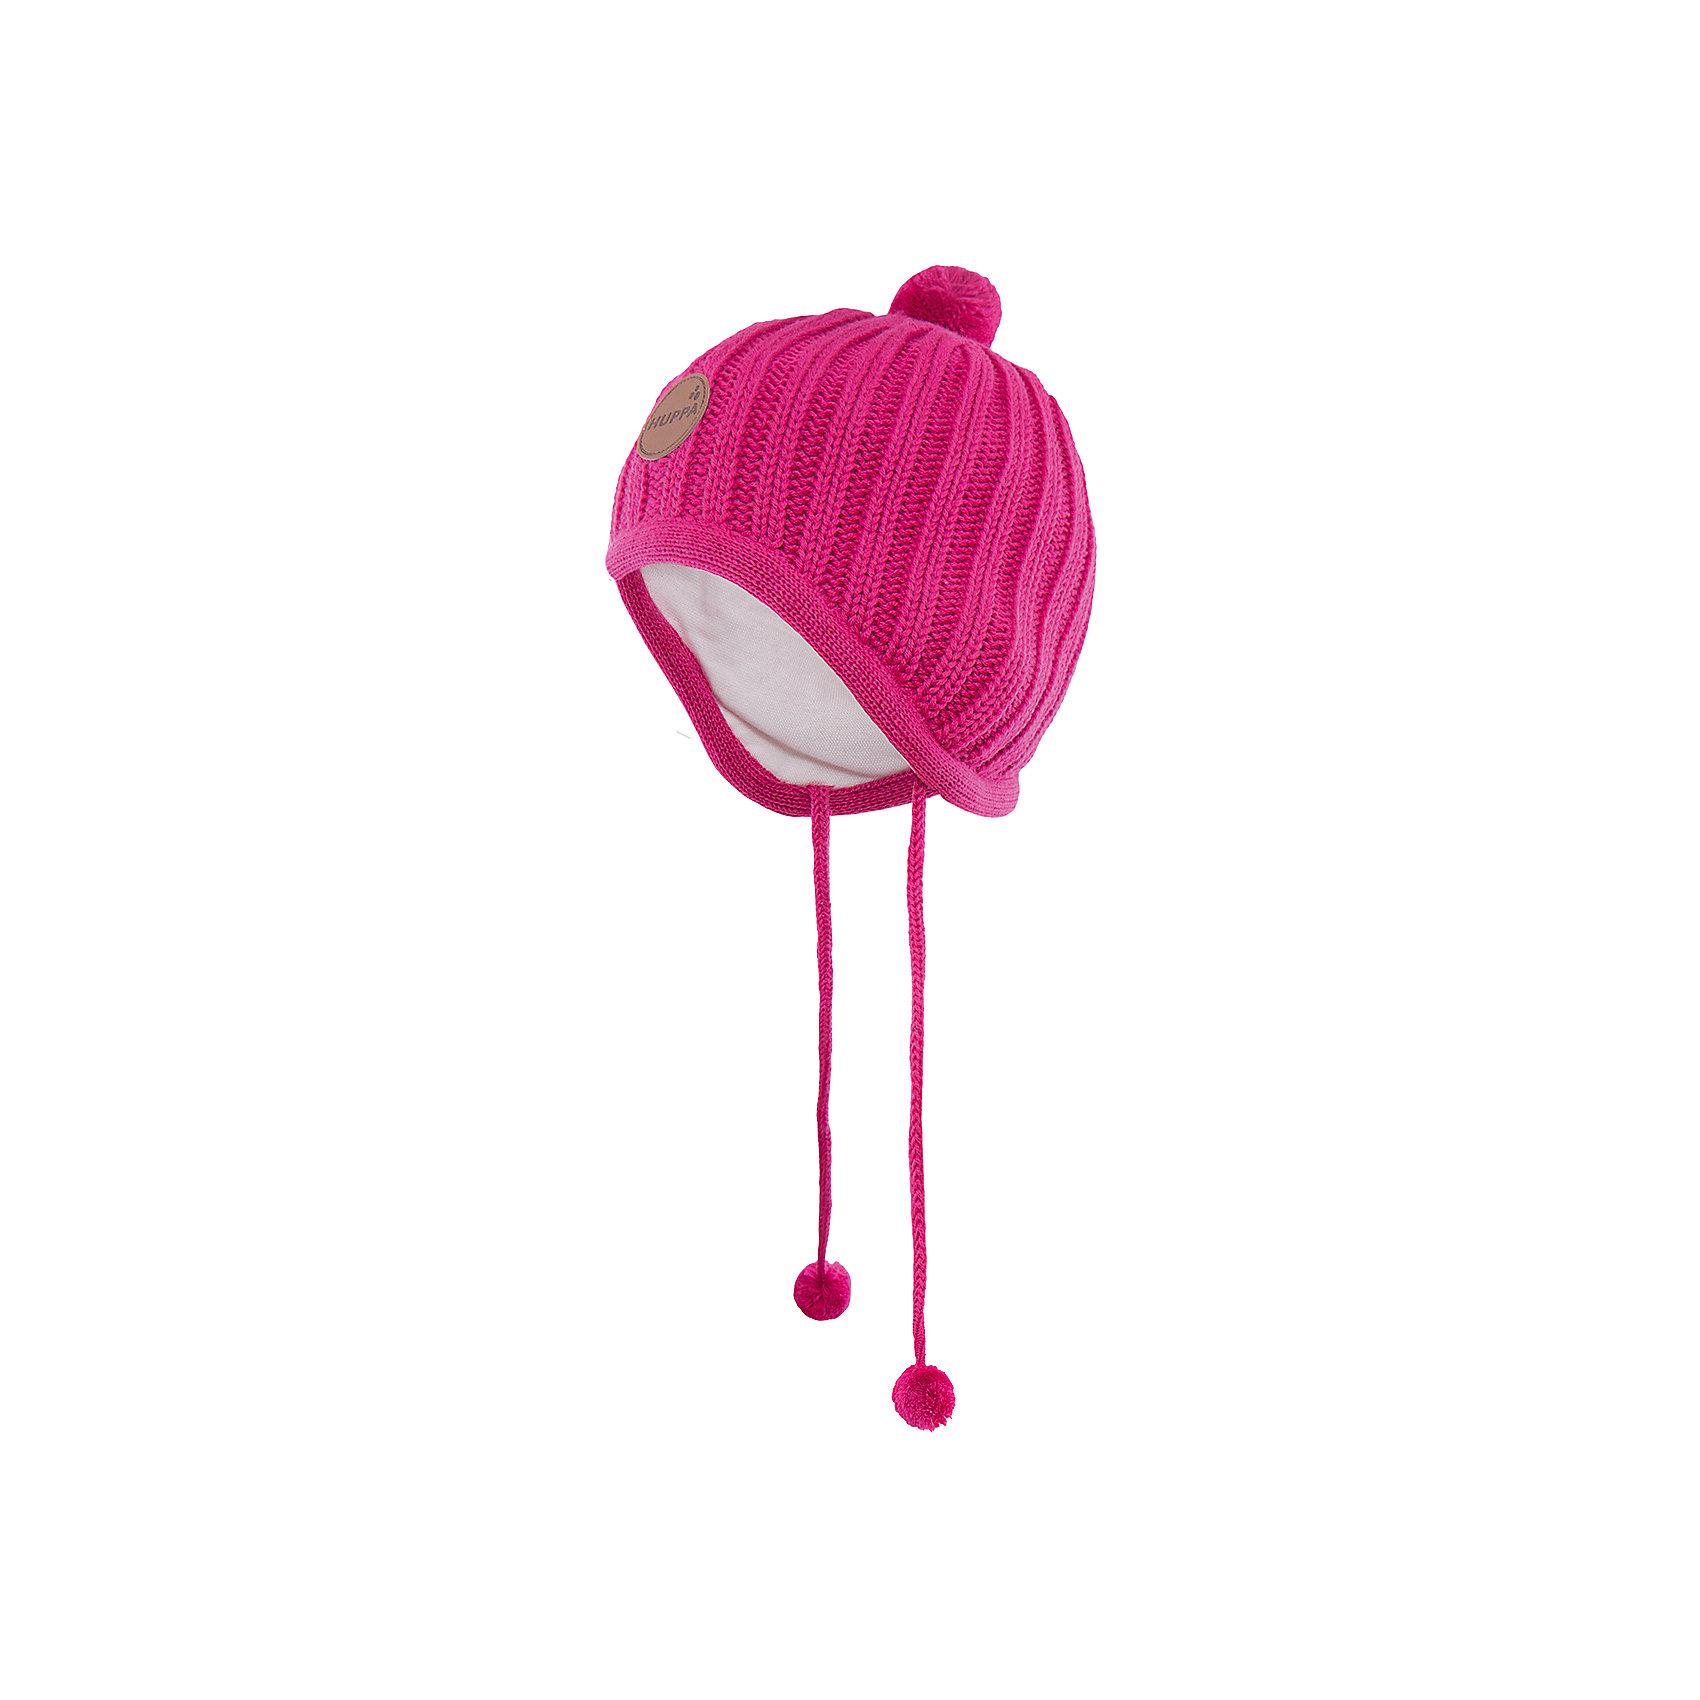 Шапка  HuppaВязаная шапка JAKOB Huppa(Хуппа) с подкладкой из хлопка изготовлена из мериносовой шерсти и акрила. Шапку удобно носить, благодаря вязке резинкой.  С помощью лент с помпонами вы сможете завязать шапку, чтобы уши ребенка оставались в тепле. Модель украшена помпонами и эмблемой марки.<br><br>Дополнительная информация:<br>Материал: 100% акрил<br>Подкладка: 100% хлопок<br>Цвет: фуксия<br><br>Вы можете приобрести шапку JAKOB Huppa(Хуппа) в нашем интернет-магазине.<br><br>Ширина мм: 89<br>Глубина мм: 117<br>Высота мм: 44<br>Вес г: 155<br>Цвет: розовый<br>Возраст от месяцев: 36<br>Возраст до месяцев: 72<br>Пол: Унисекс<br>Возраст: Детский<br>Размер: 51-53,43-45,39-43,47-49<br>SKU: 4923812